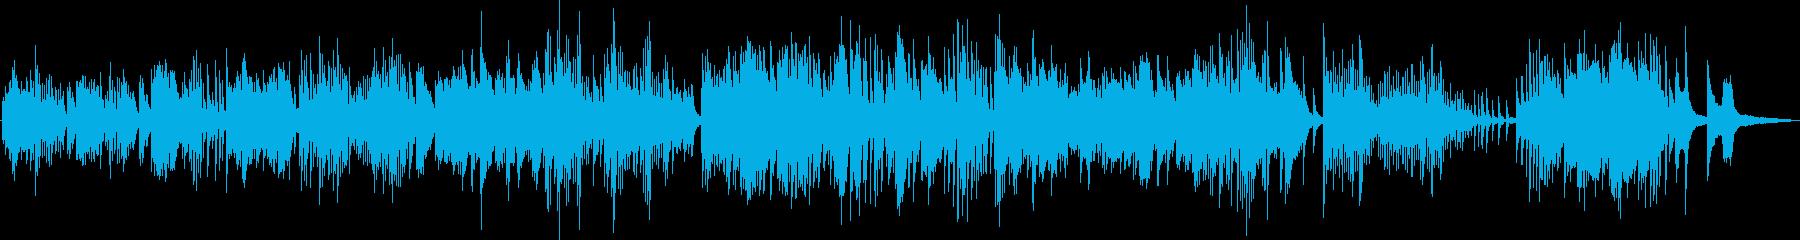 幻想的なピアノバラード(神秘的・透明感)の再生済みの波形